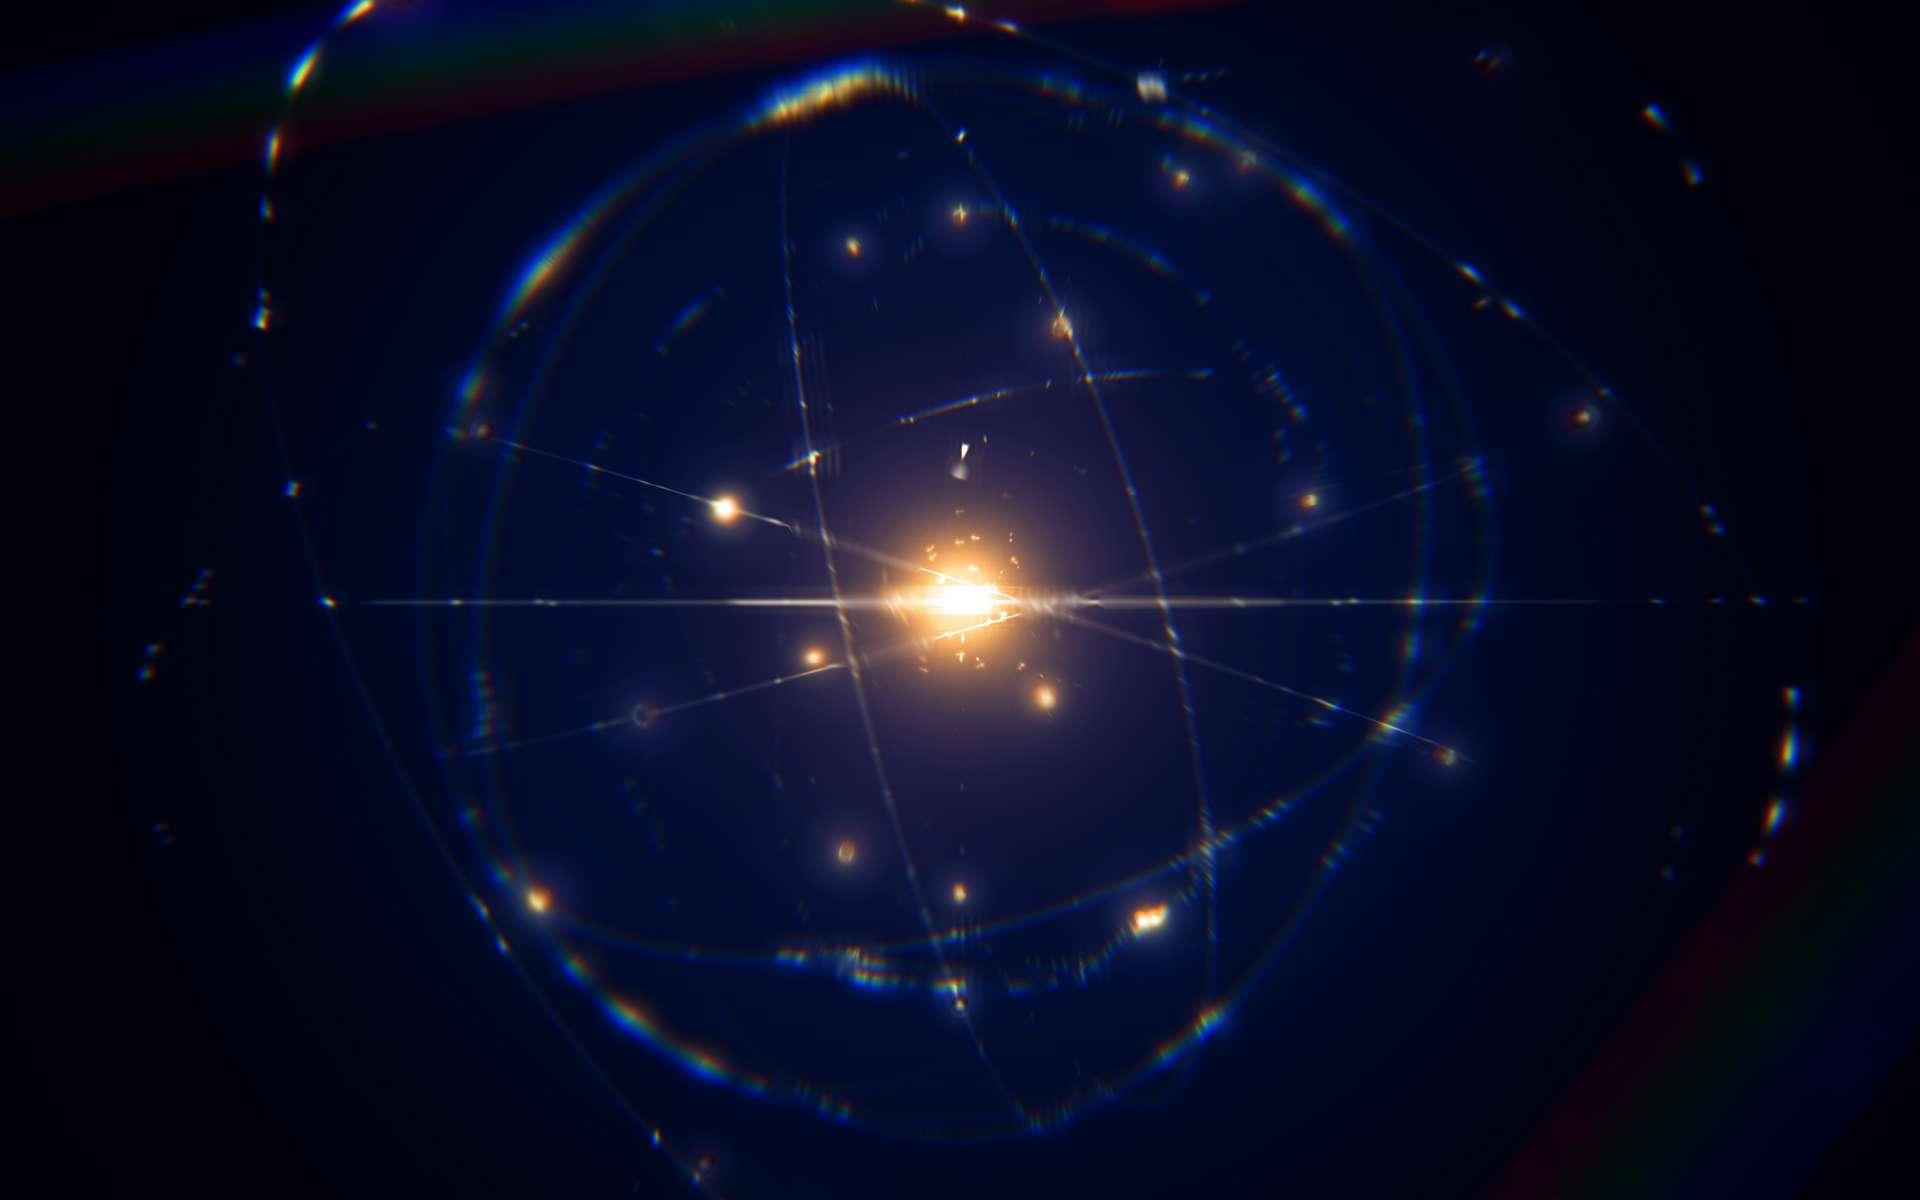 En observant le comportement de trois atomes de rubidium (Rb) isolés, des chercheurs ont été les témoins d'interactions jusqu'alors inconnues. © remotevfx, Adobe Stock